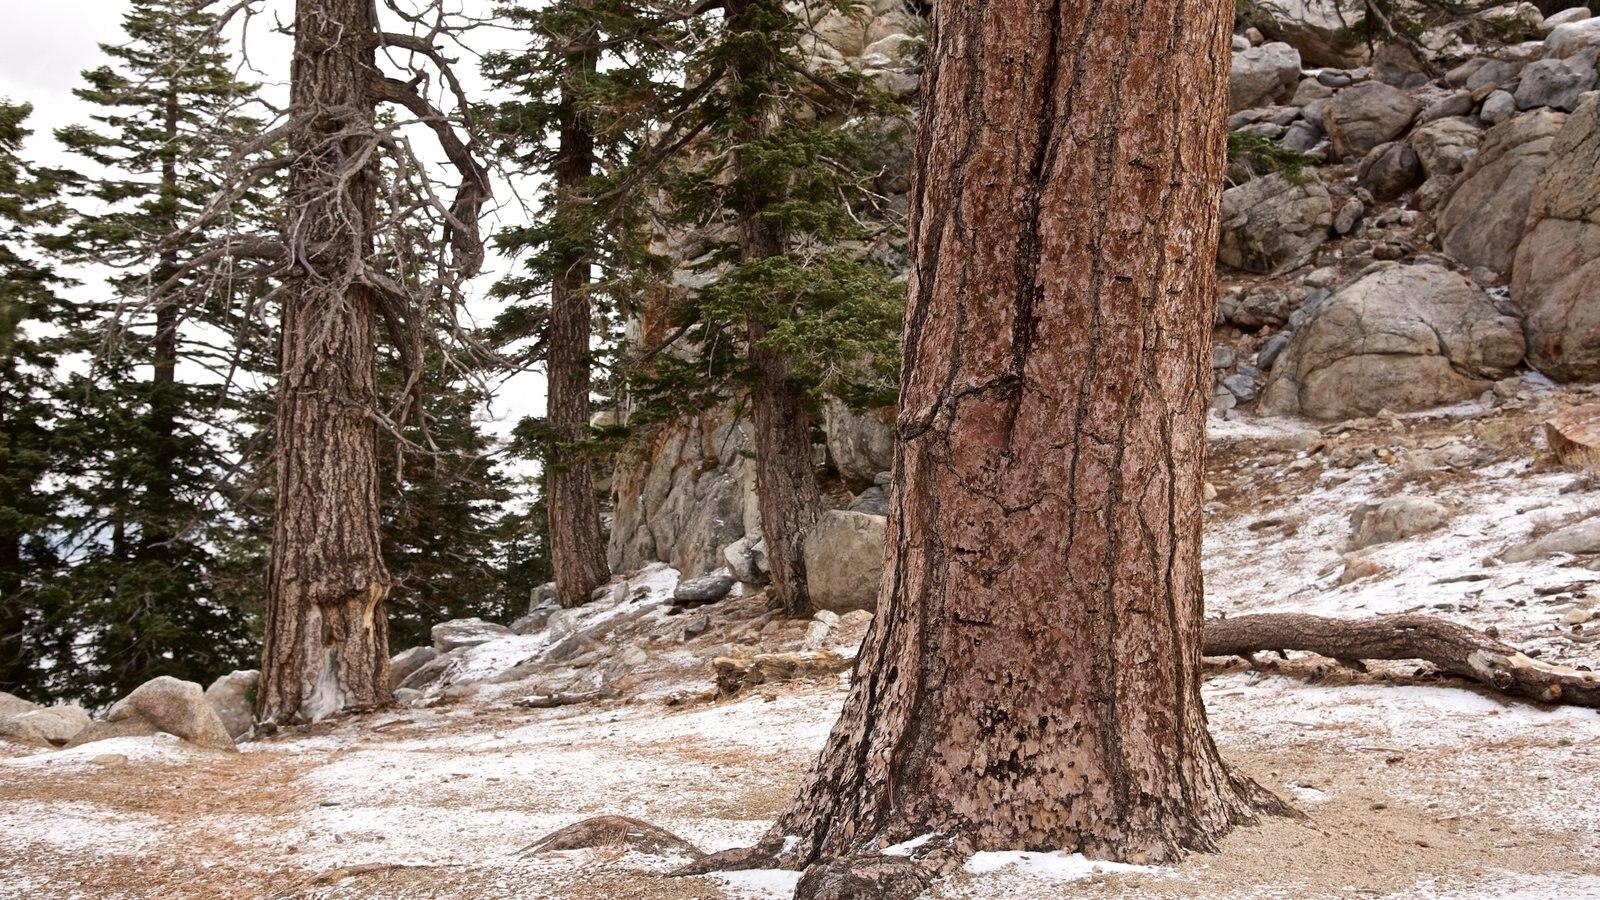 Parque estatal Mount San Jacinto que incluye escenas forestales y escenas tranquilas